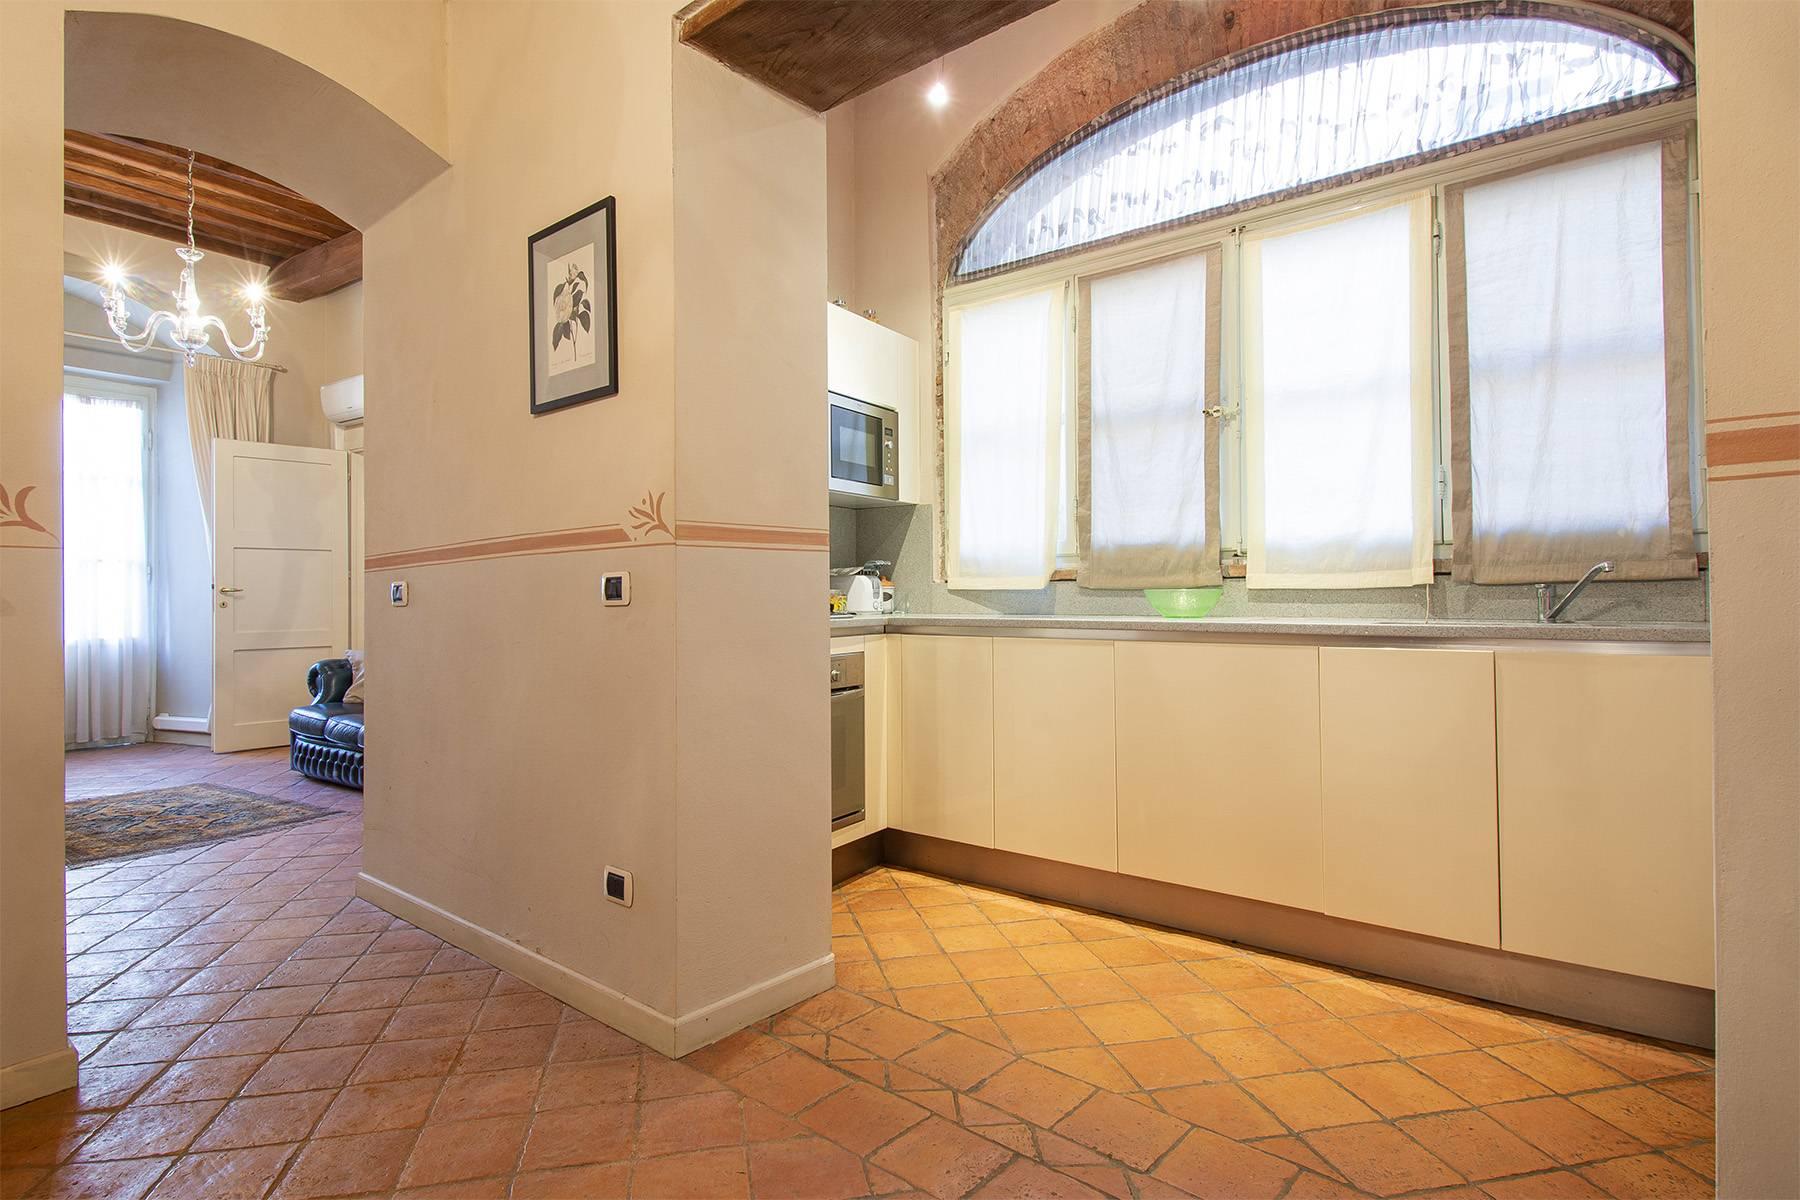 Appartamento in Vendita a Lucca: 5 locali, 77 mq - Foto 15